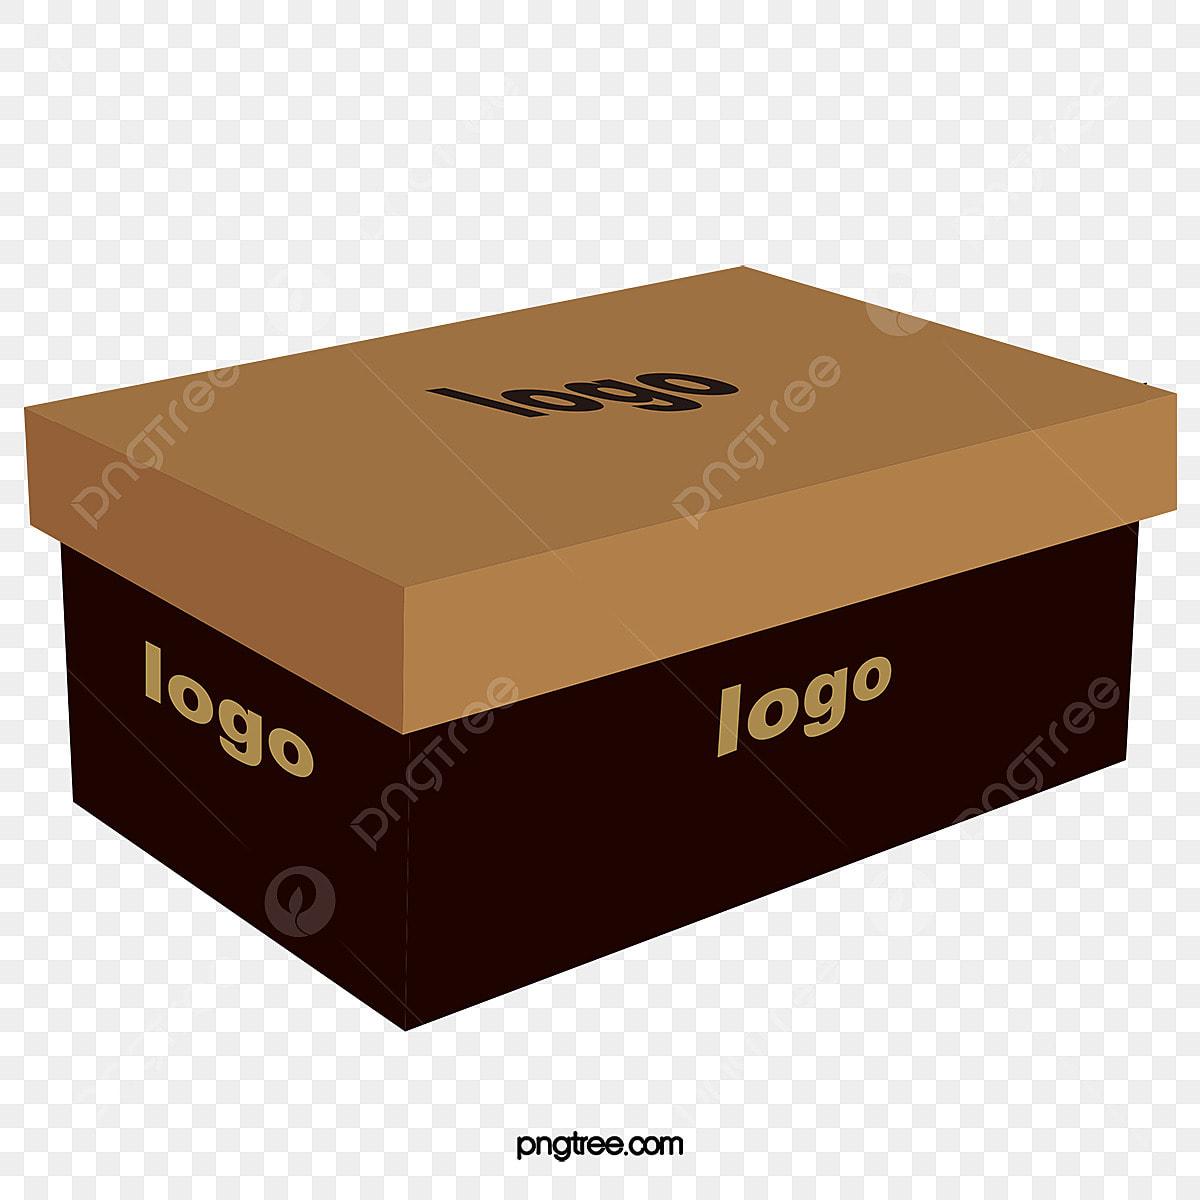 Gambar Vektor Kotak Kasut Kelabu Corak Contoh Stereo Vektor Kasut Vektor Kotak Vektor Corak Png Dan Psd Untuk Muat Turun Percuma